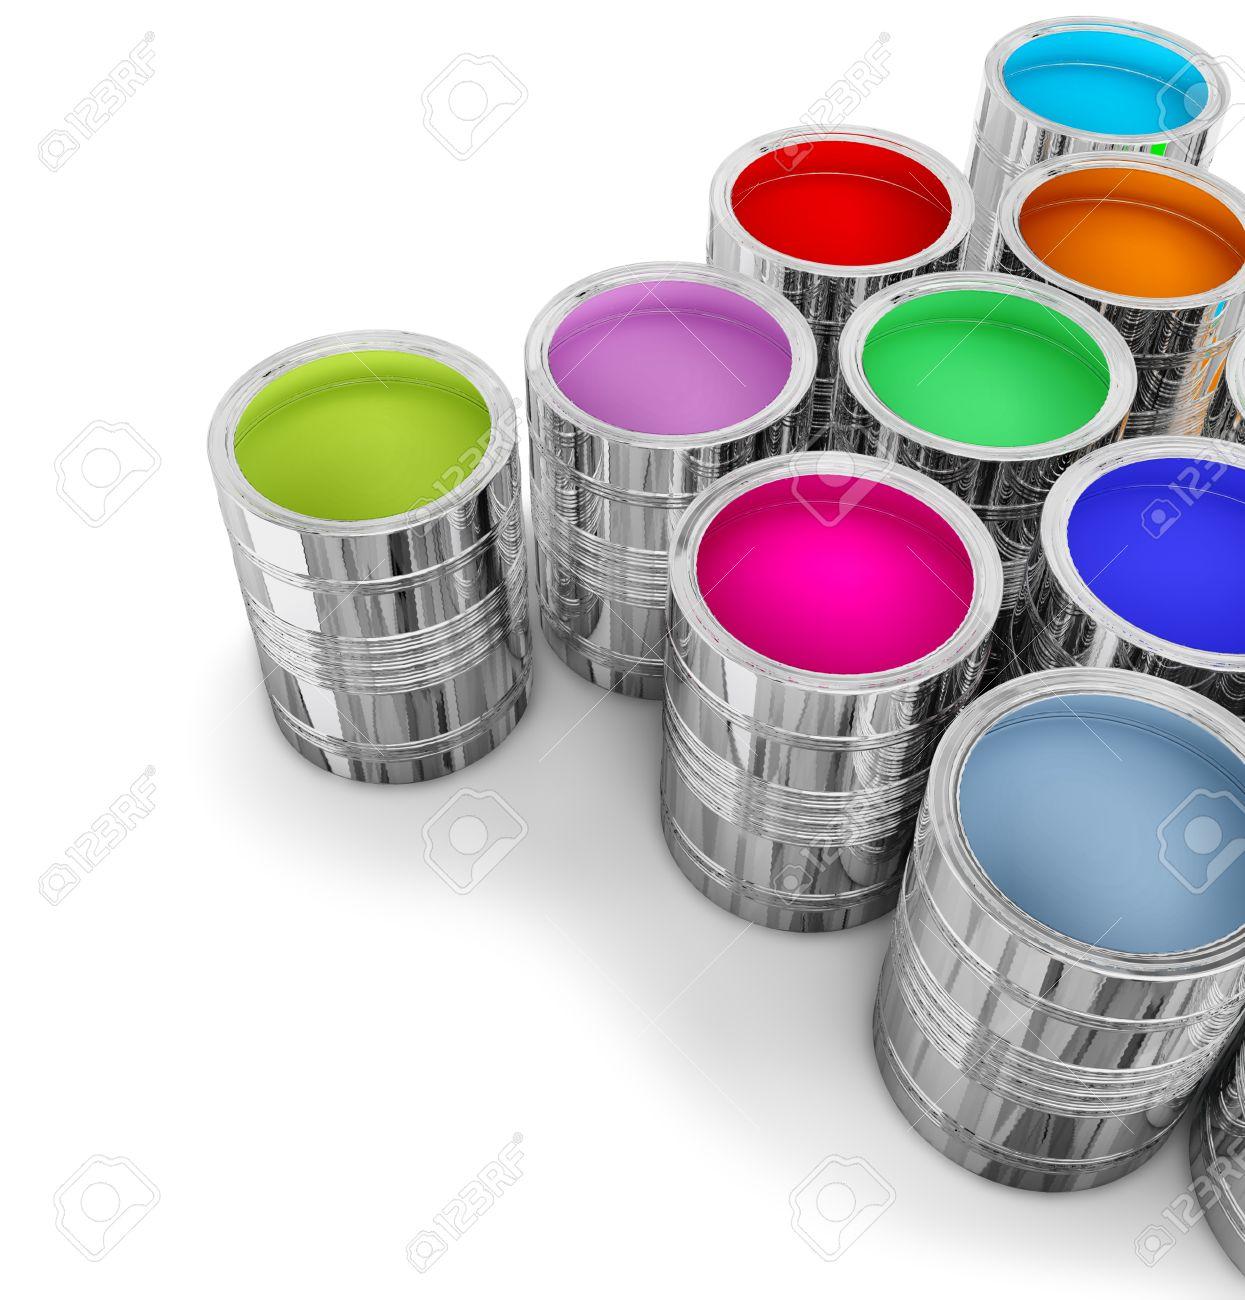 Dosen Mit Bunten Farben Für Die Wände Streichen Im Neuen Haus Standard Bild    12003099